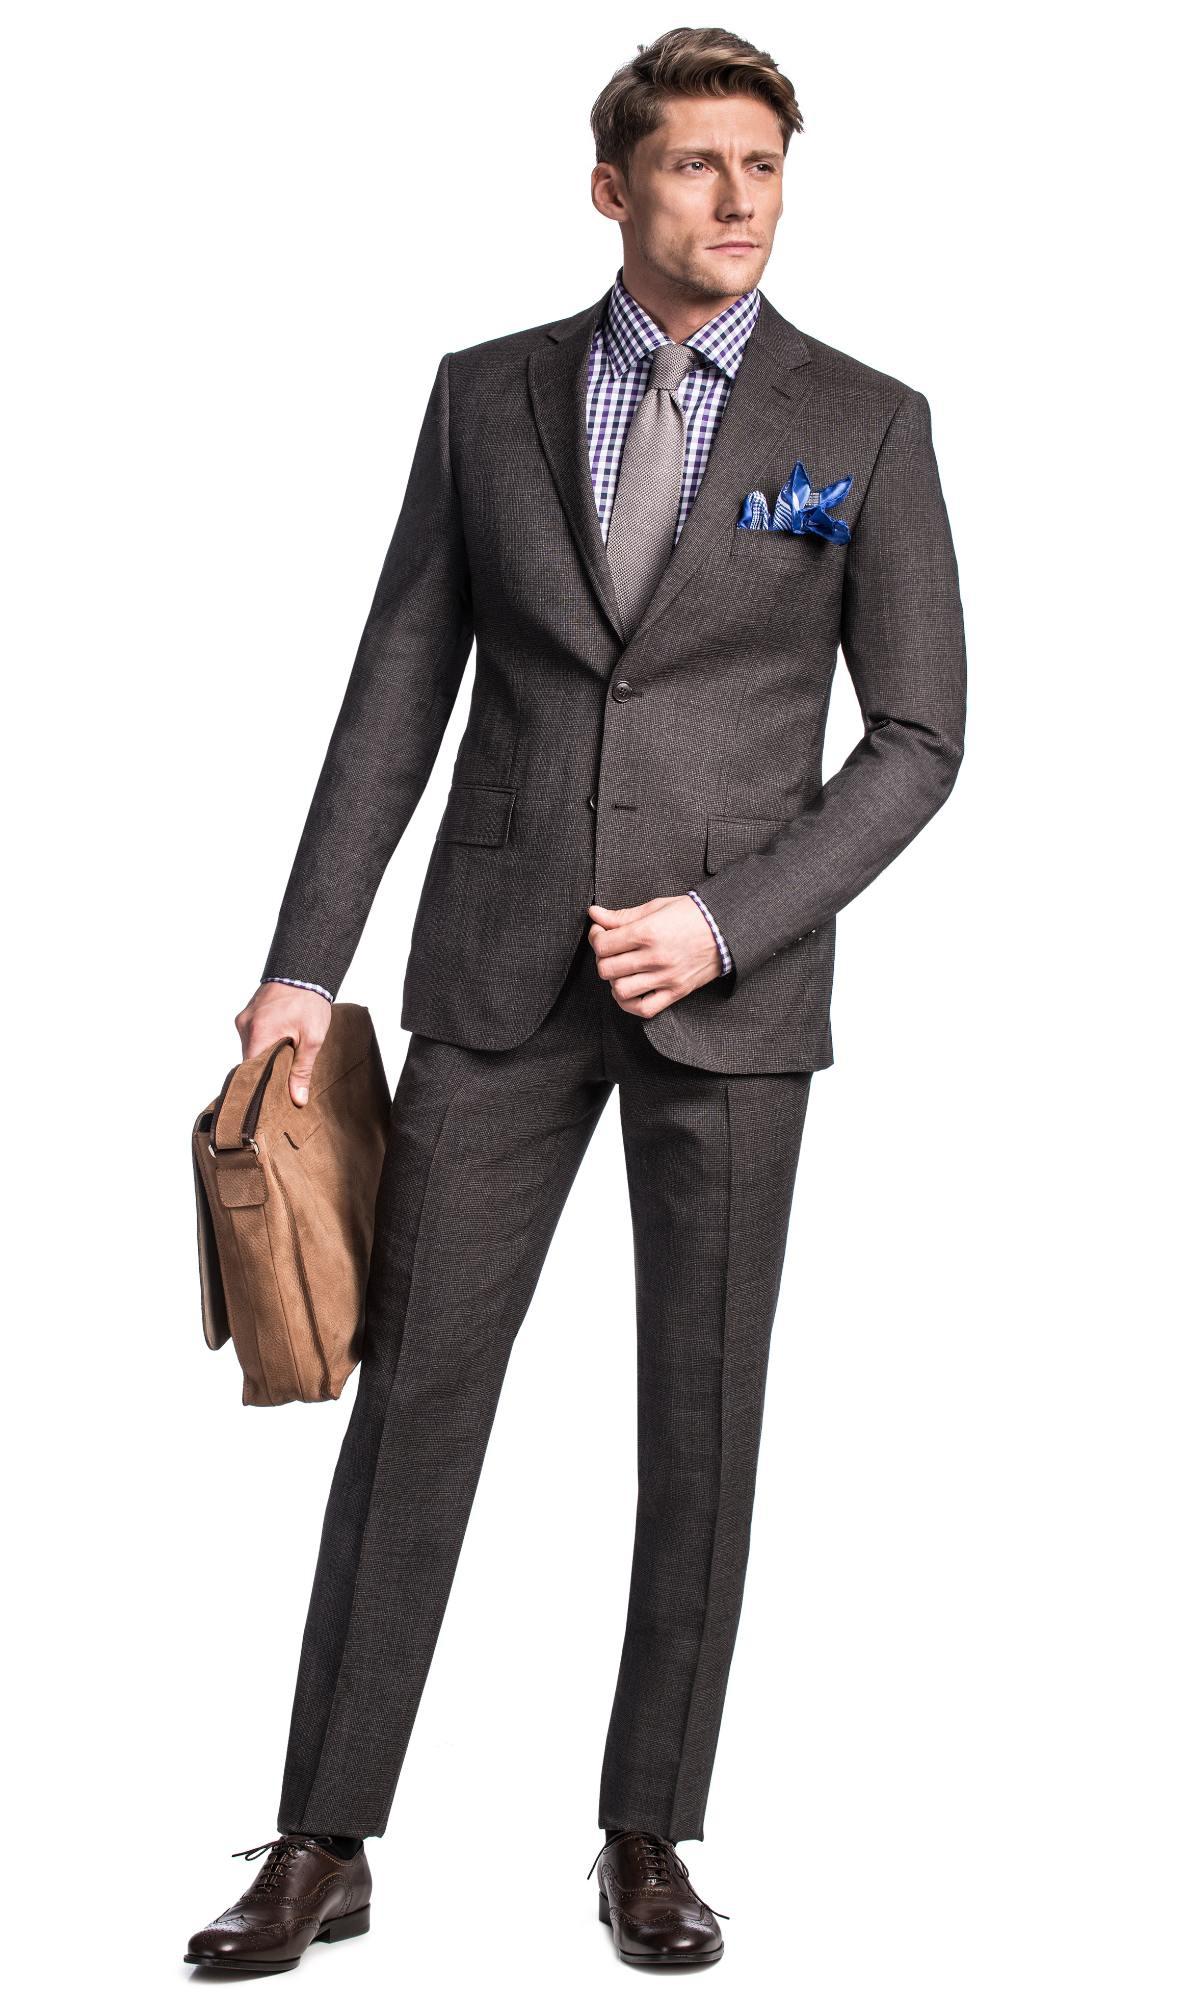 Próchnik -60% (- 1 000zł) na wysokiej jakości wełniany garnitur